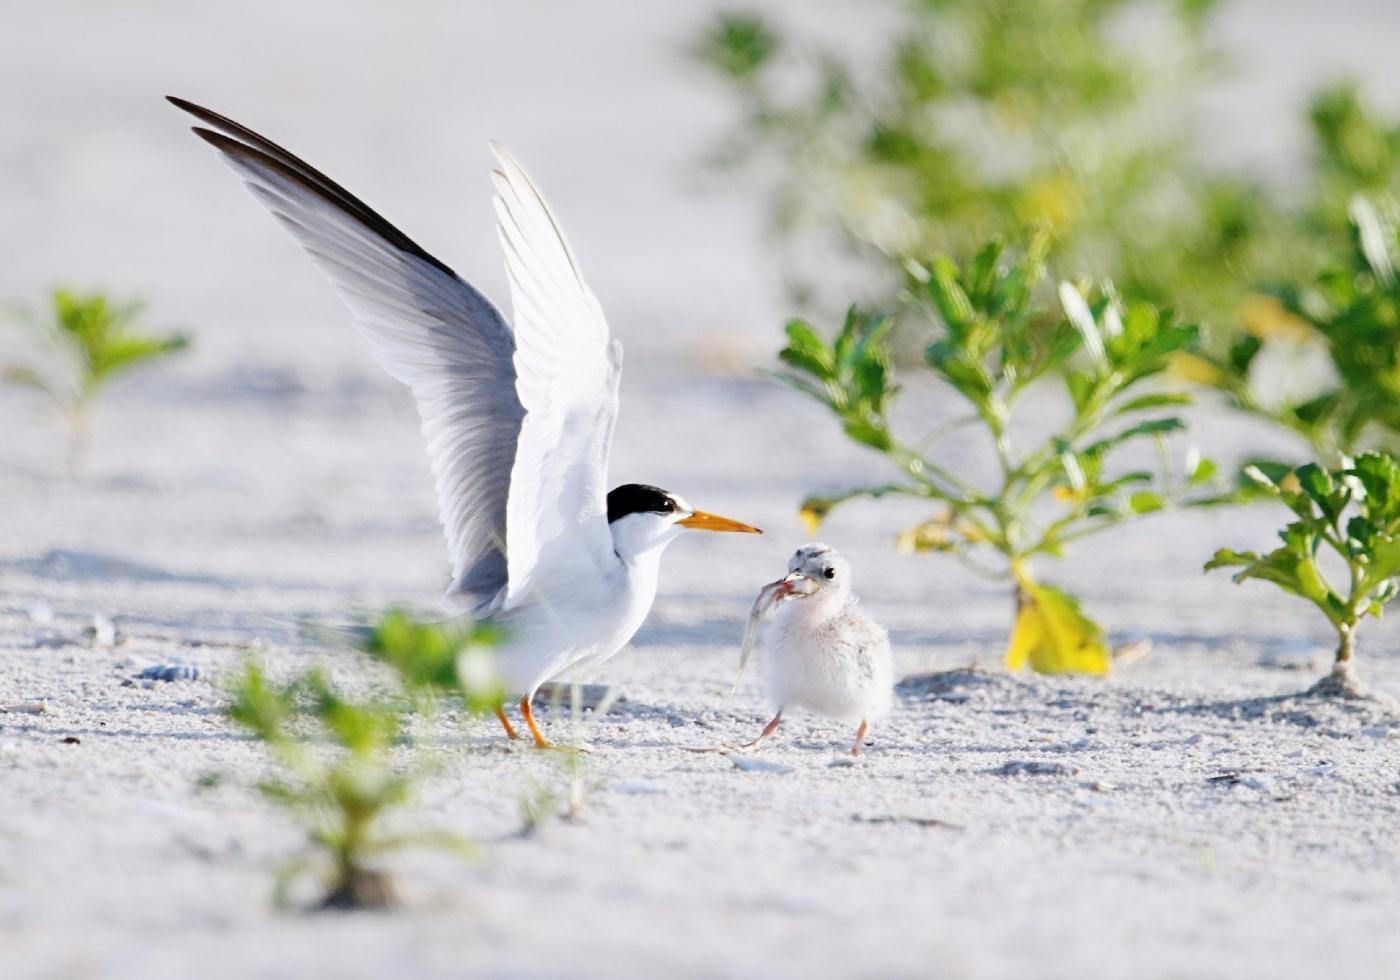 【田螺摄影】黄嘴燕鸥整个出生成长的过程_图1-16